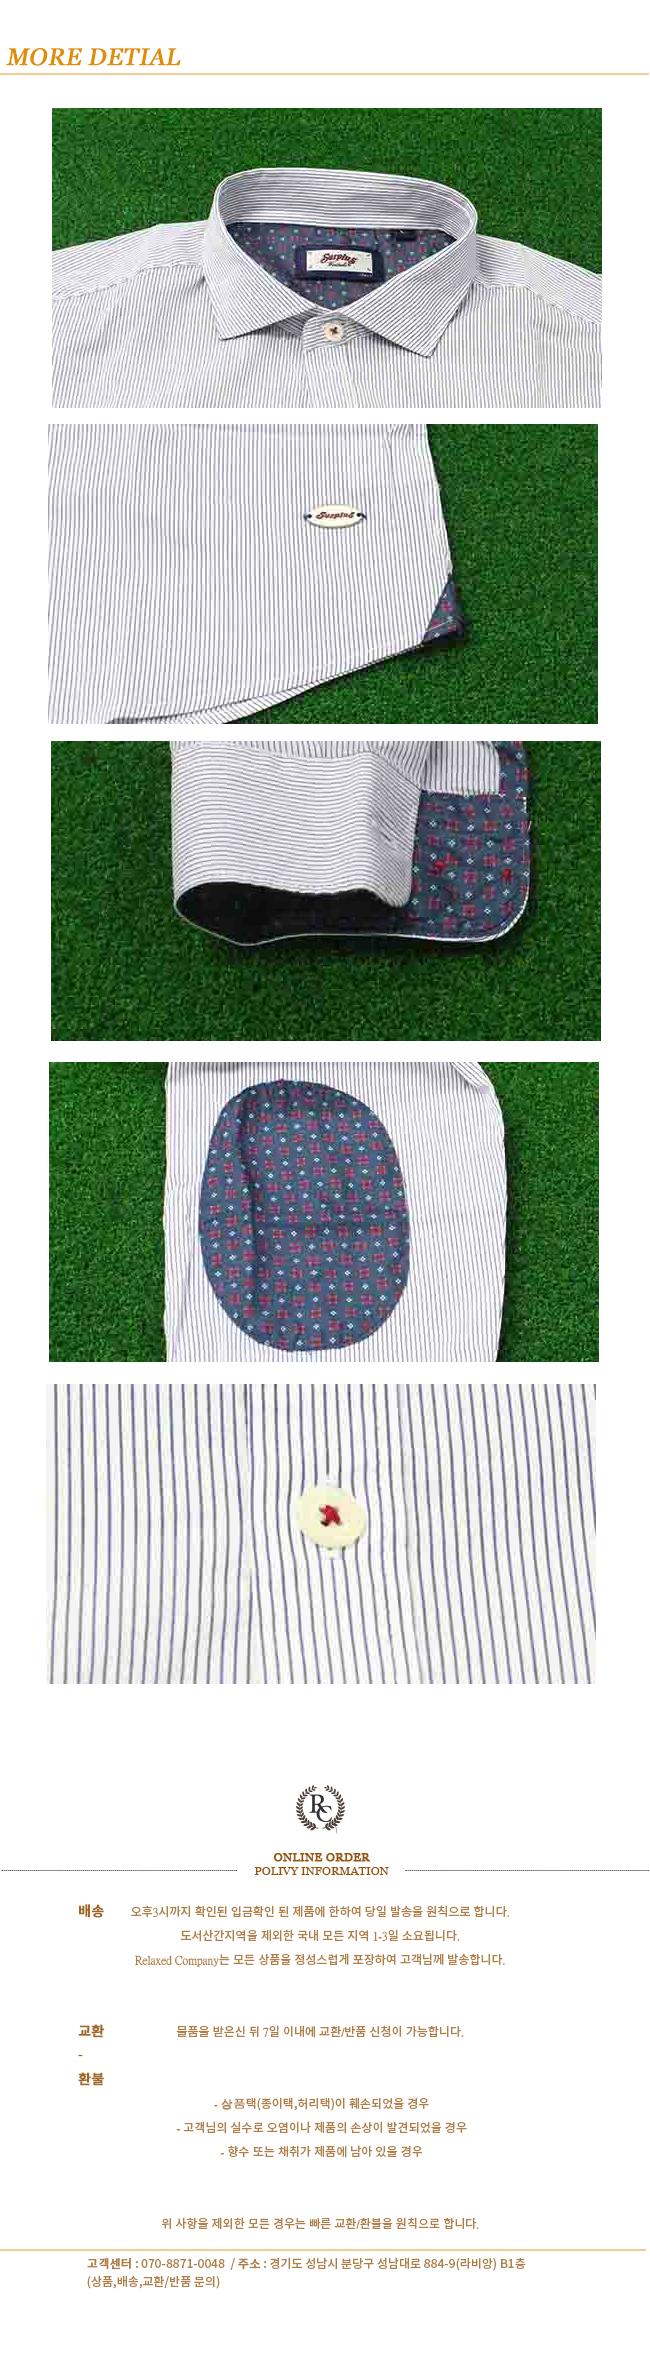 지아니루포(GIANNI LUPO) Sw218140 스트라이프 패치포인트 셔츠(Wh)